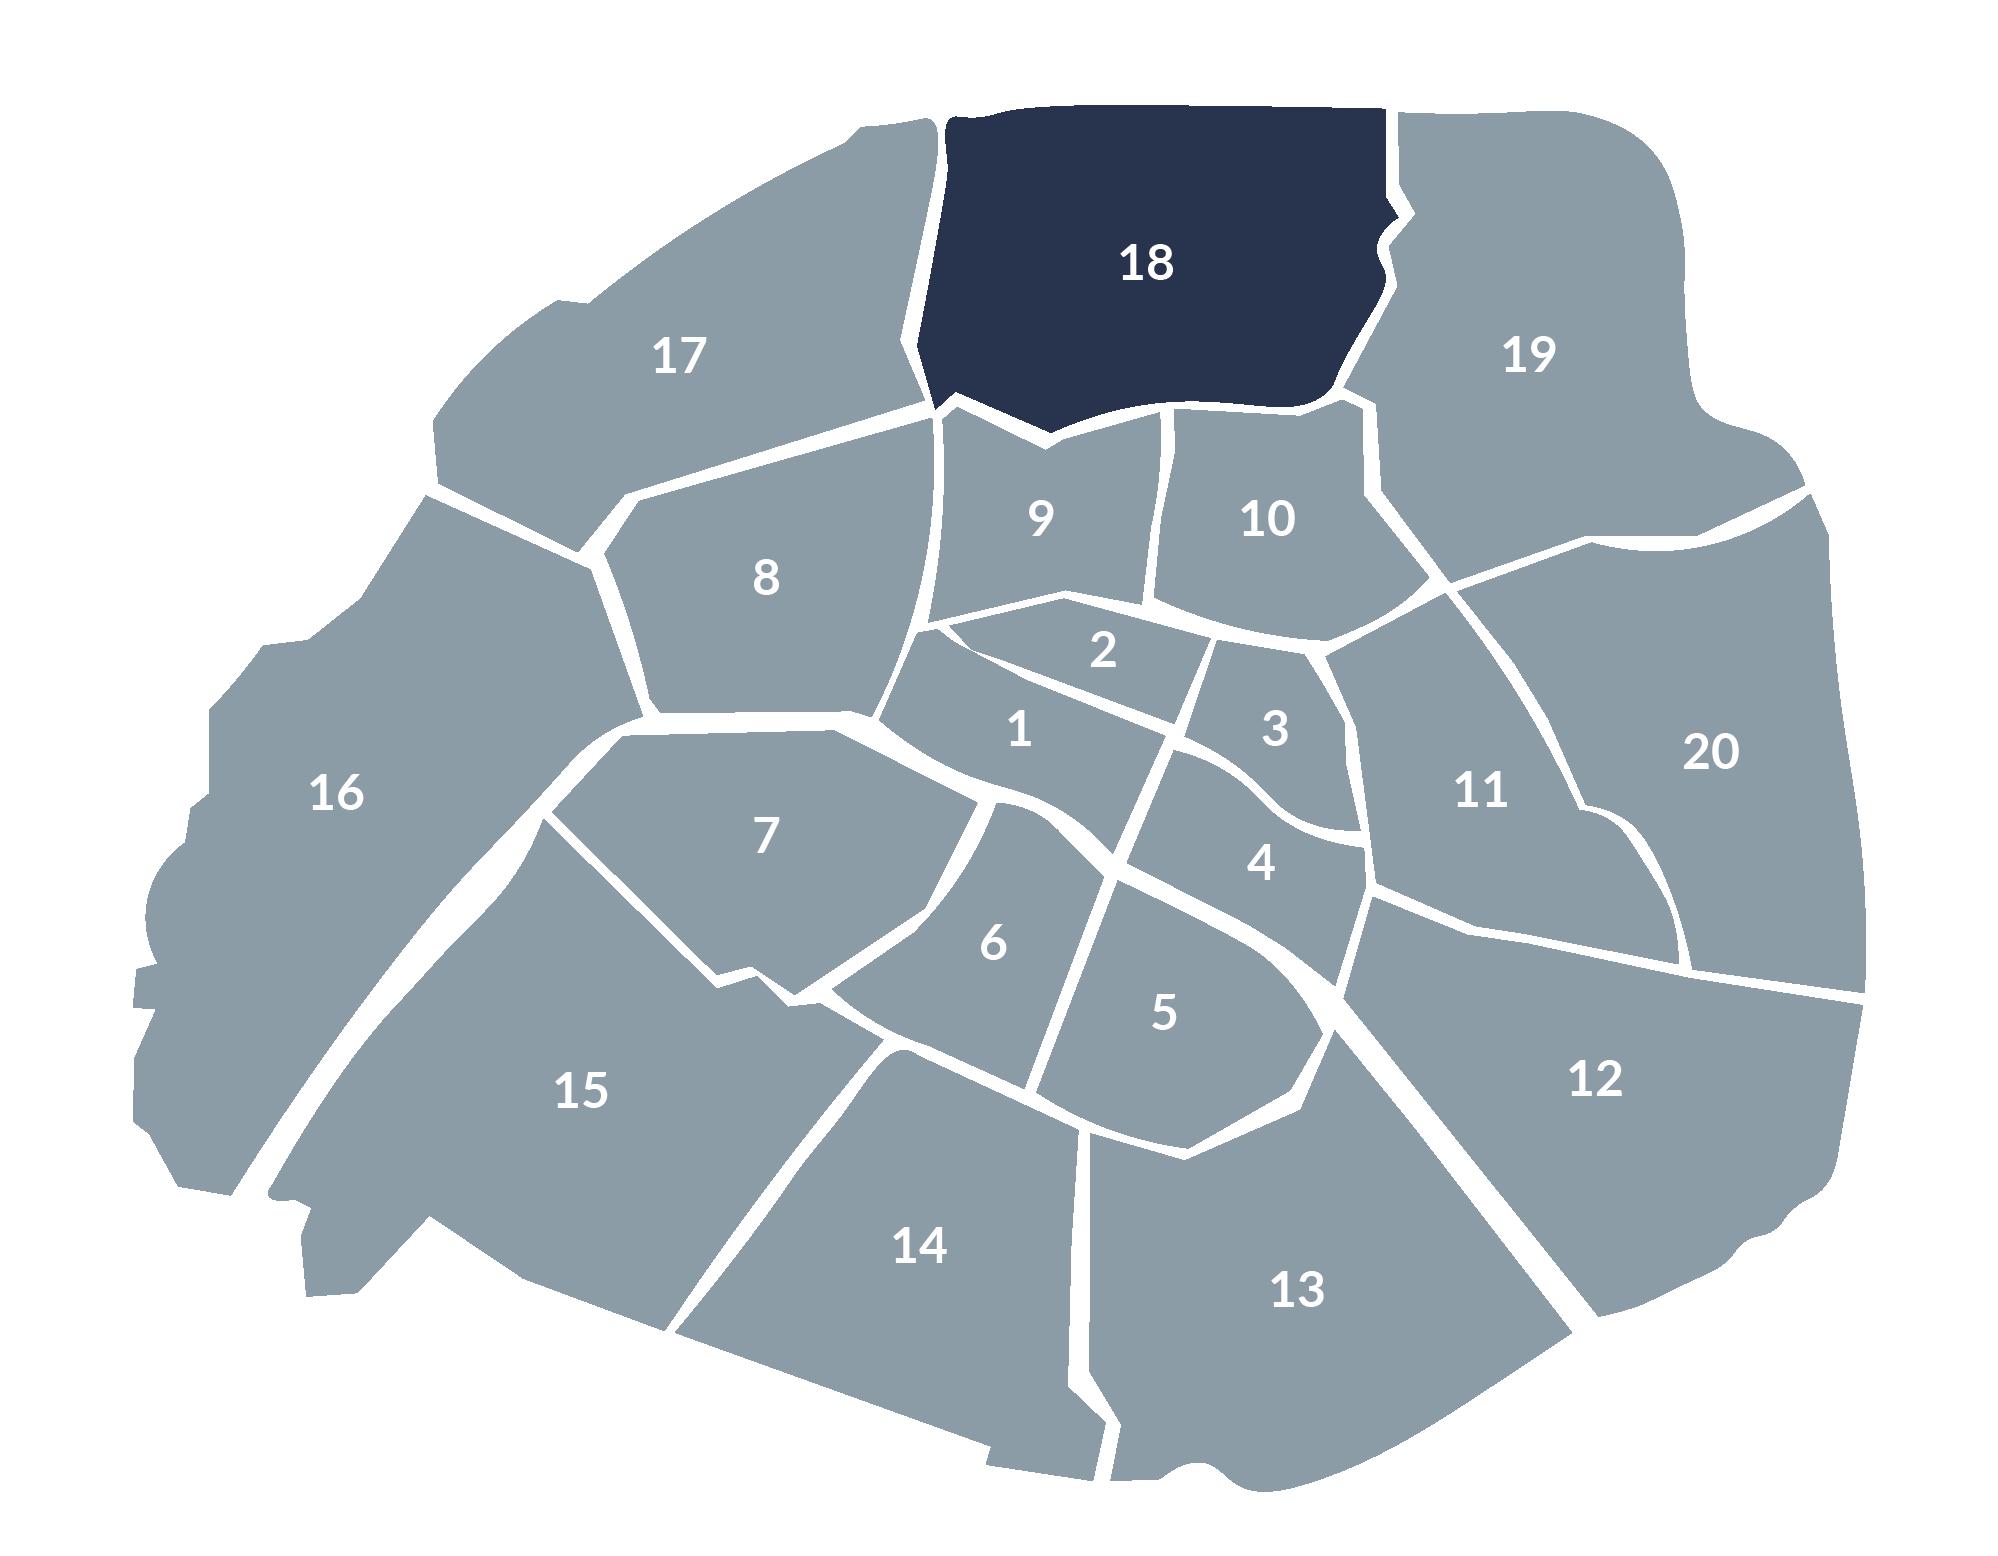 carte paris 18e arrondissement